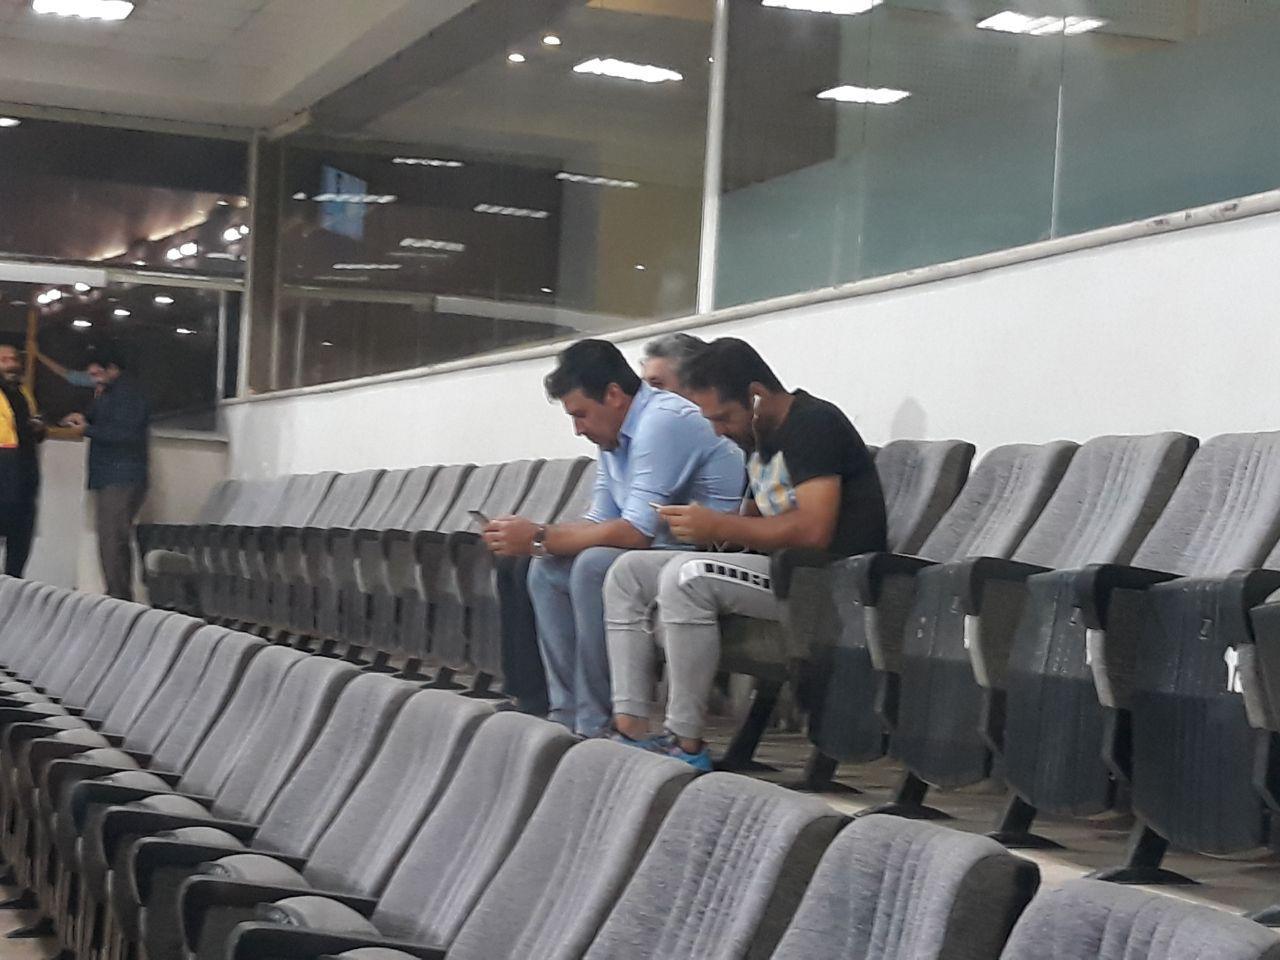 حواشی قبل از دیدار تیمهای استقلال و ذوب آهن